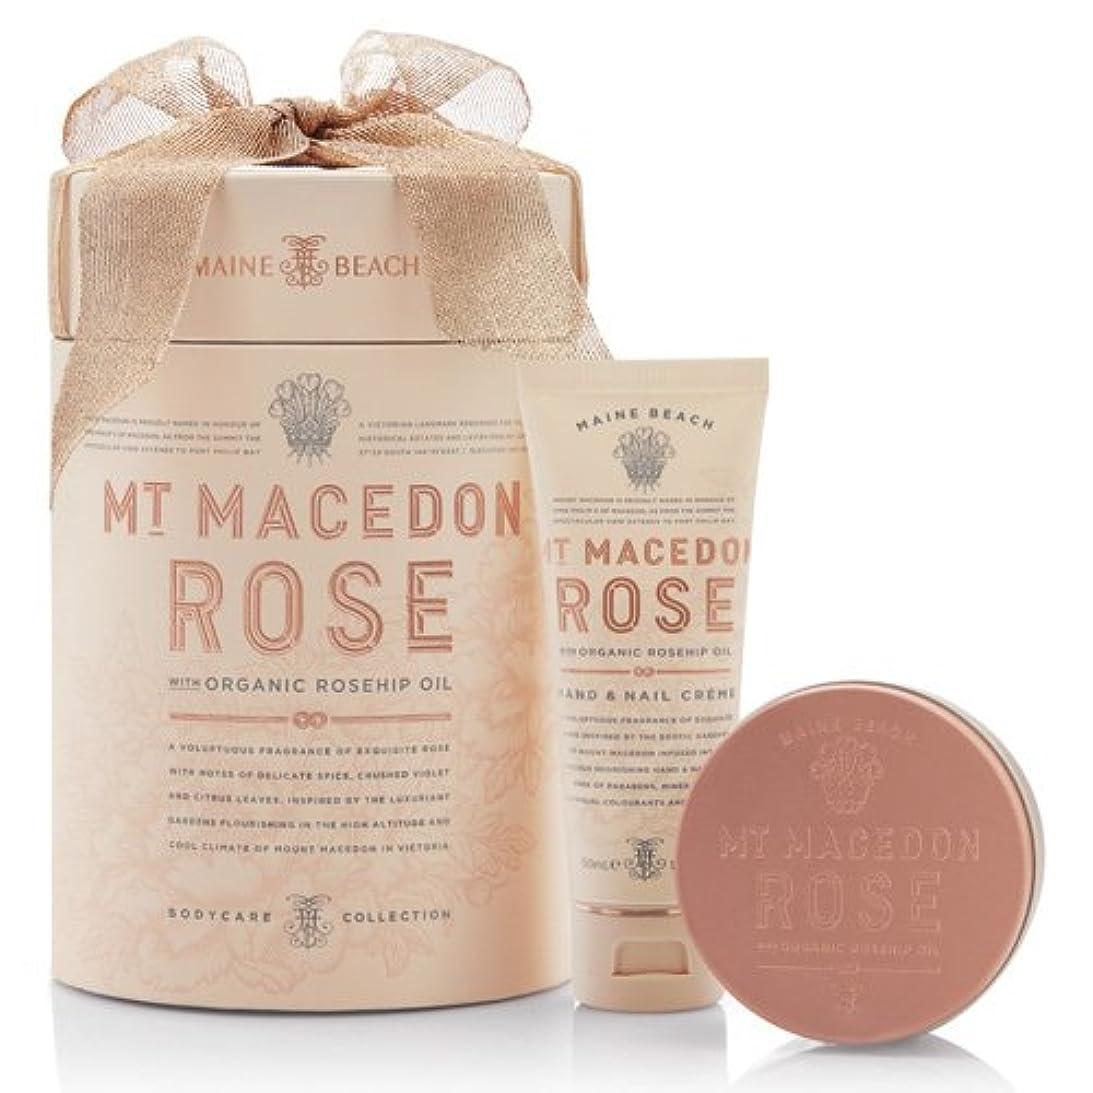 弓疾患エンゲージメントMAINE BEACH マインビーチ MT MACEDON ROSE マウント マセドン ローズ Duo Gift Pack